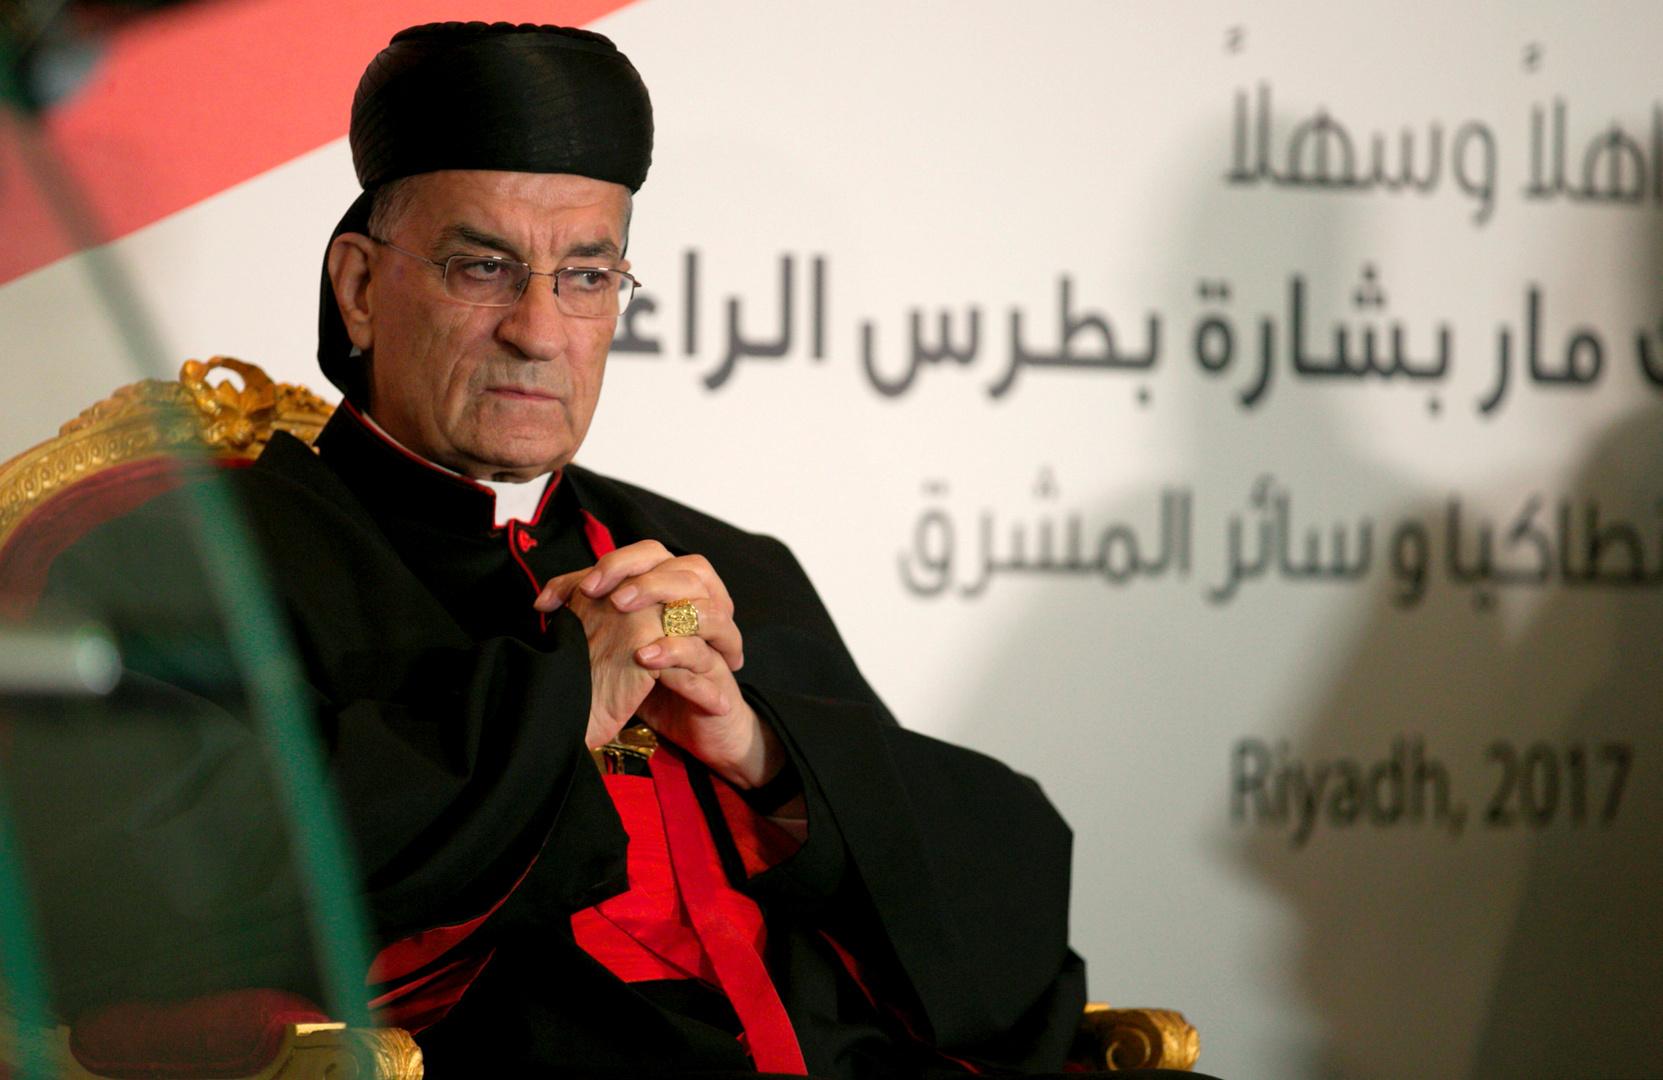 البطريرك الماروني في لبنان بشارة الراعي